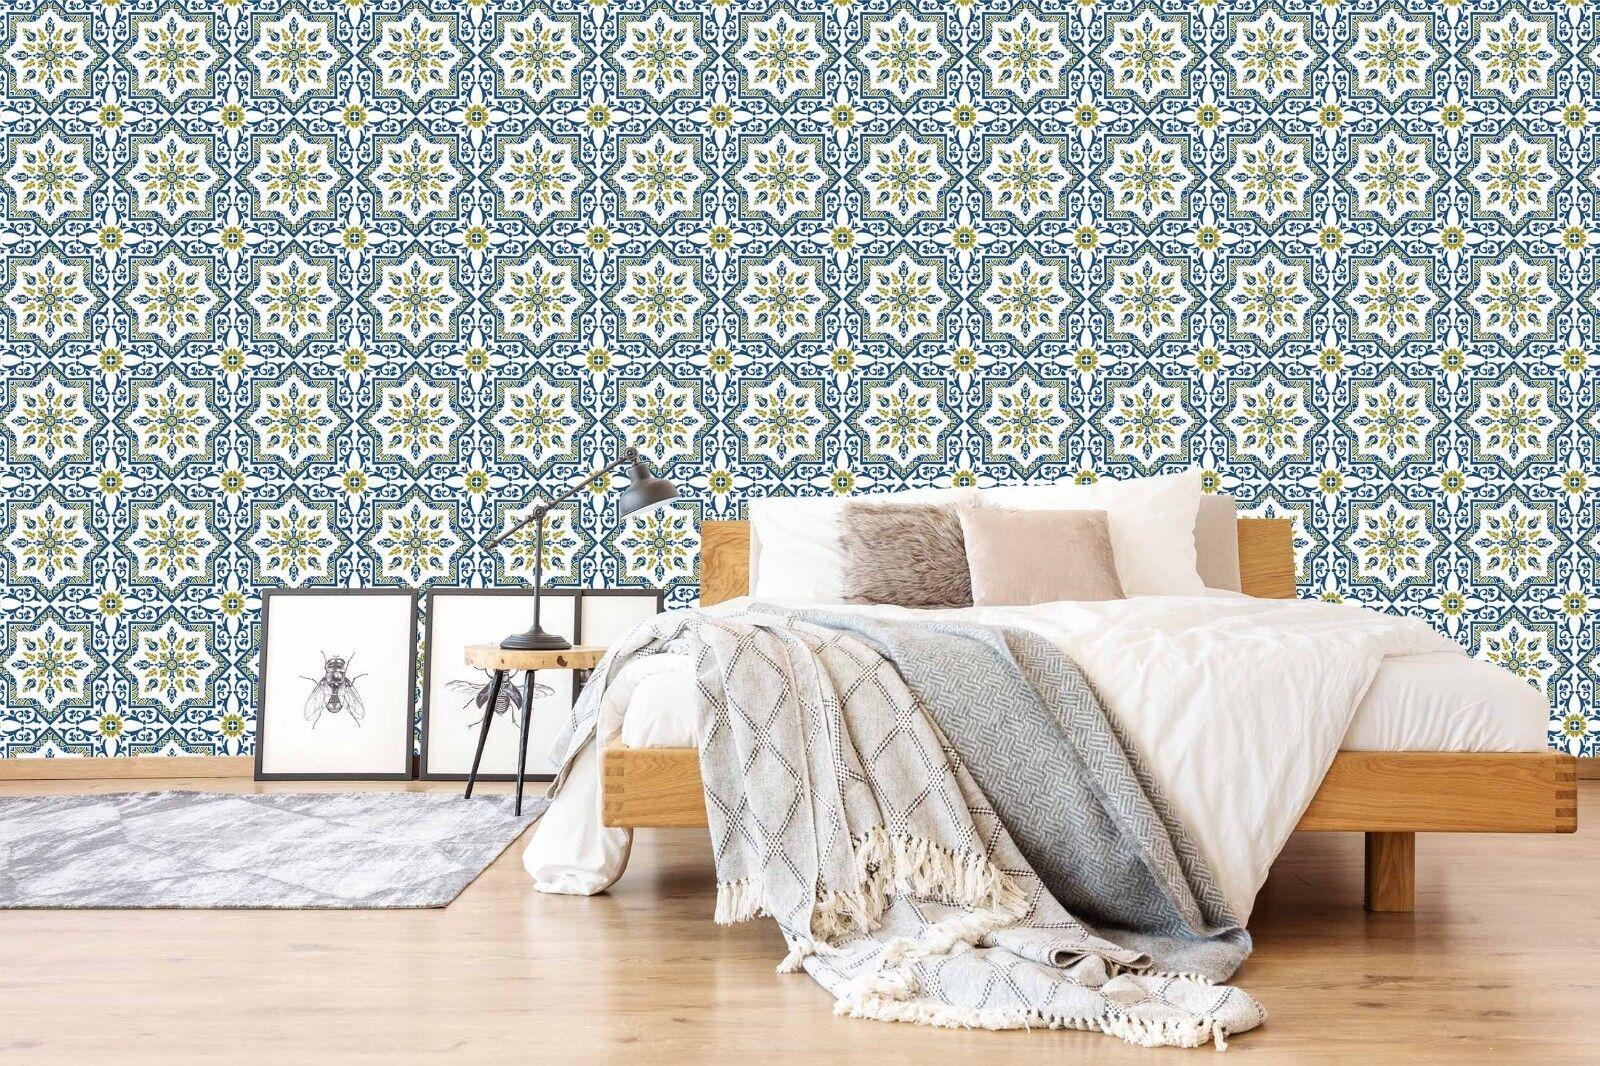 3D Golden Blumen 706 Tapete Wandgemälde Tapete Tapeten Bild Familie DE Lemon